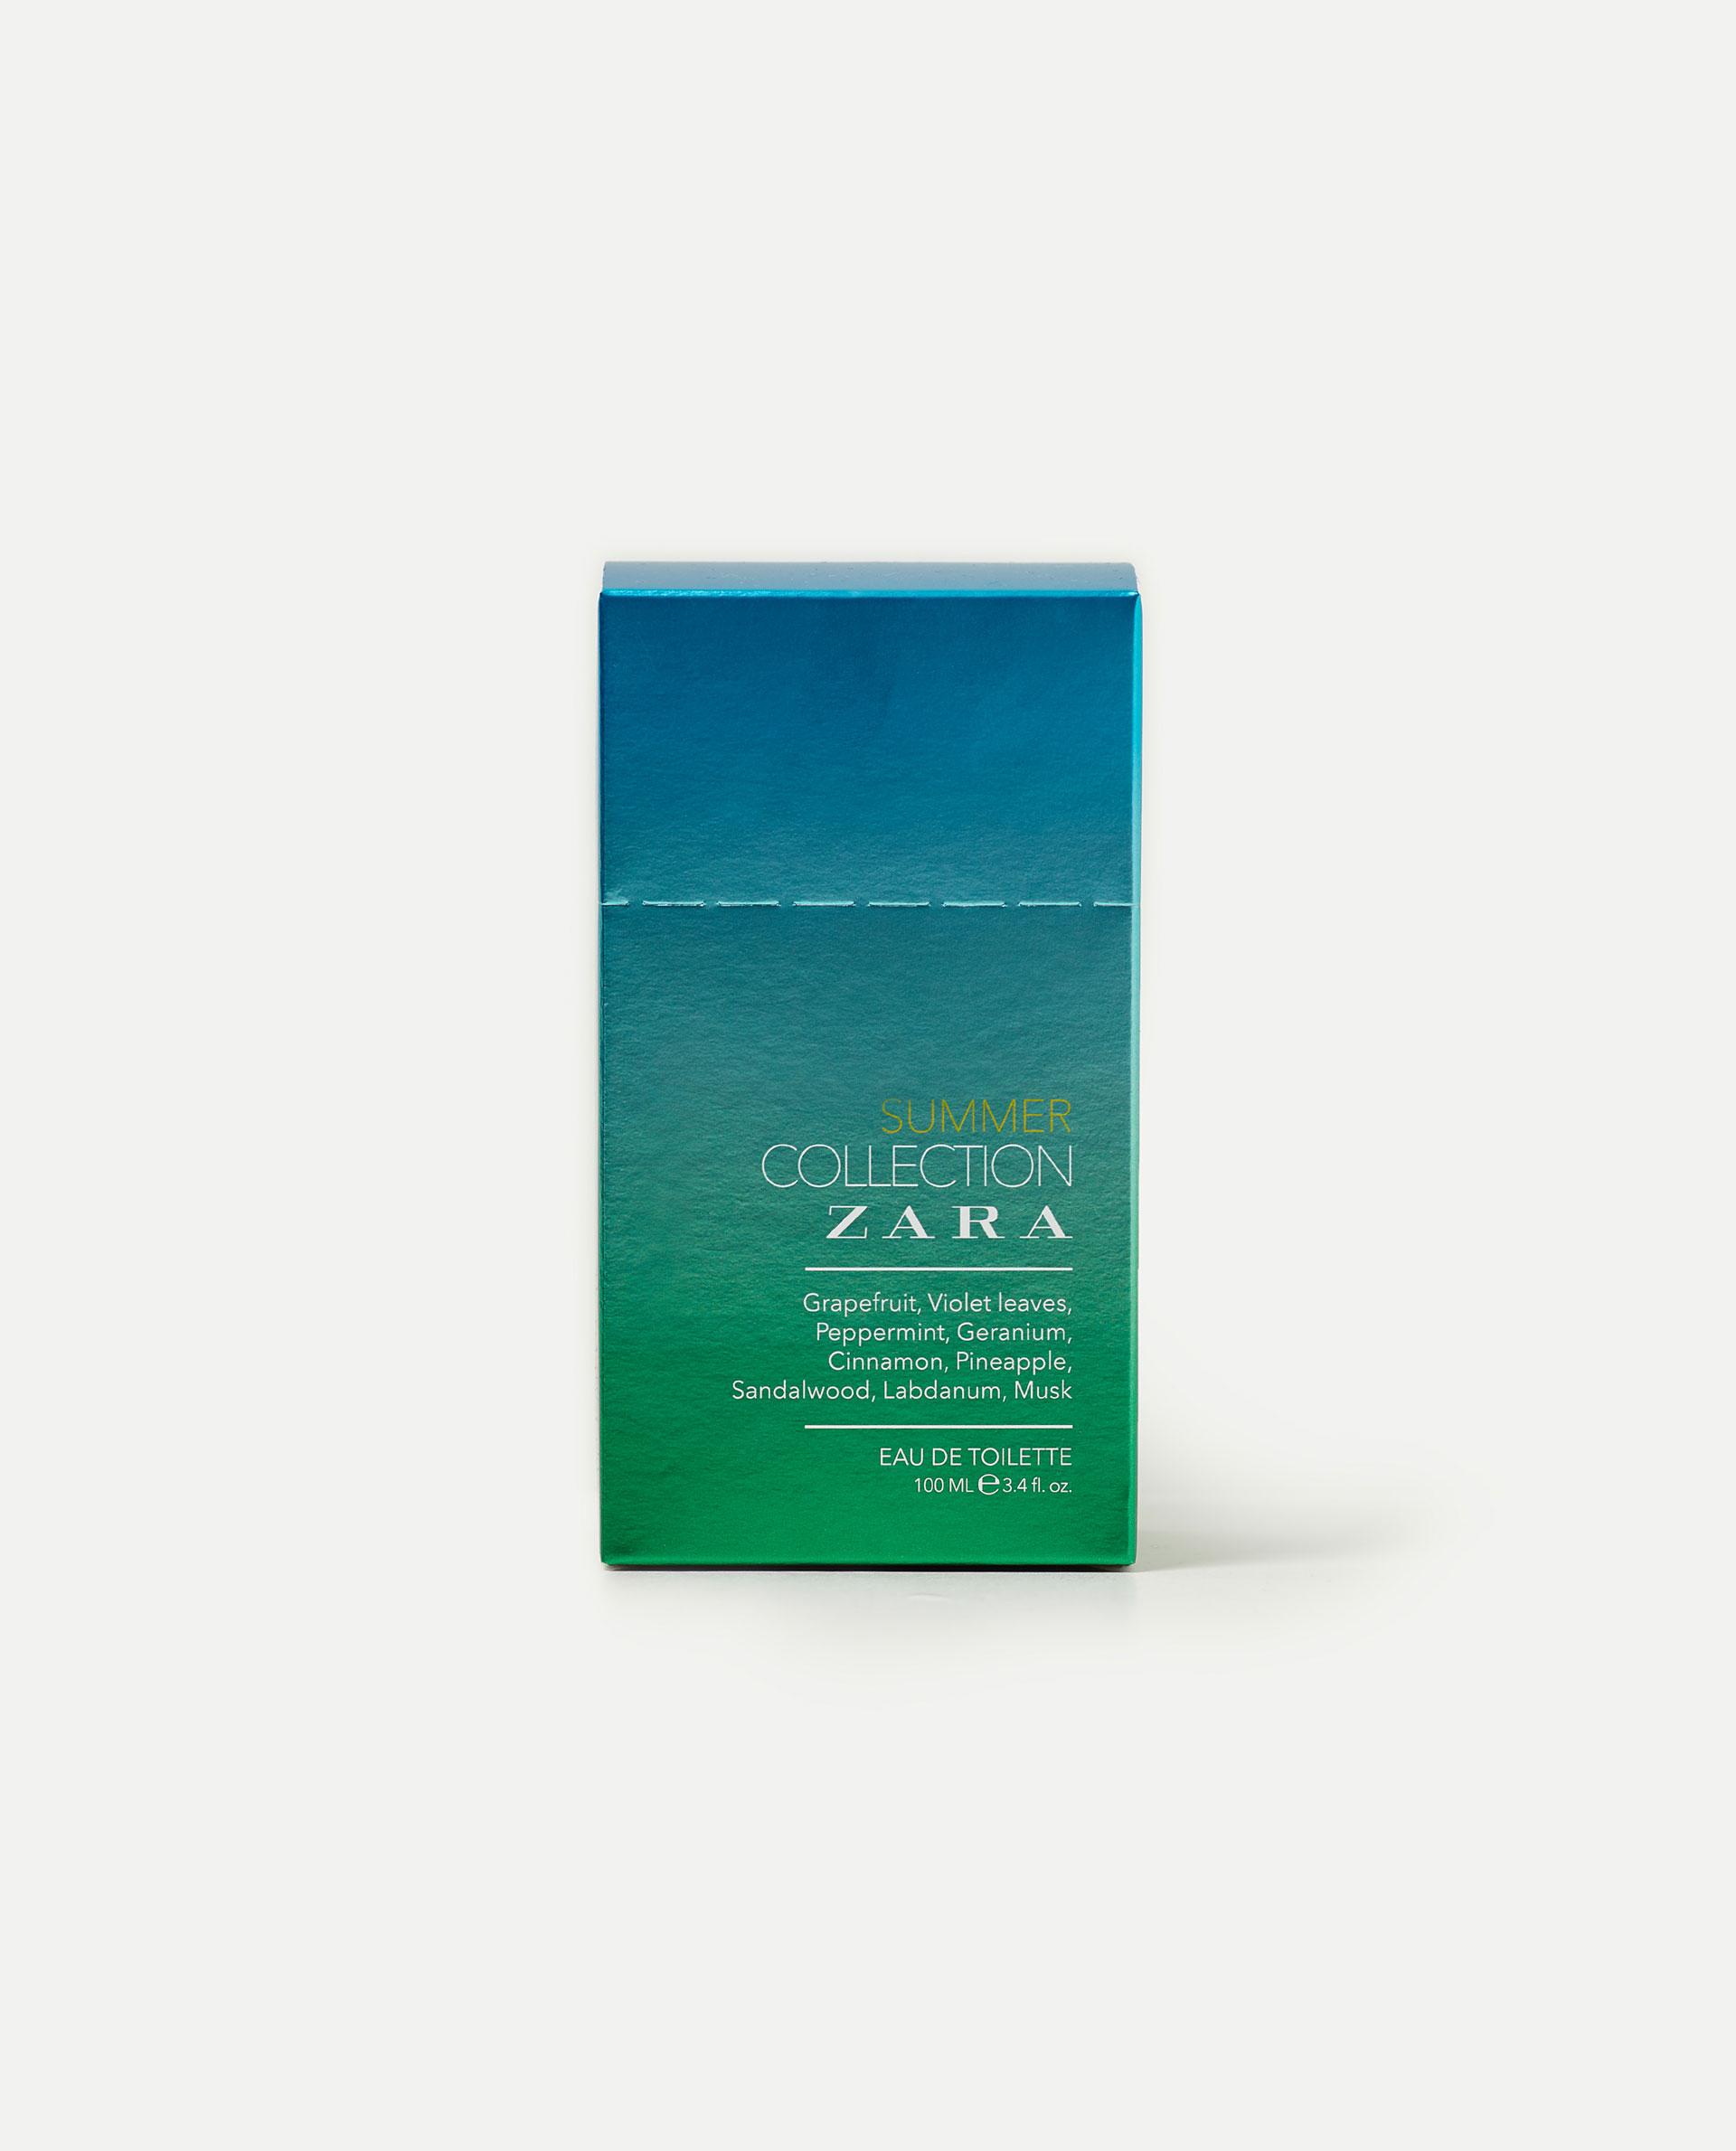 Parfum Pour Collection Zara Cologne Un Homme 2017 Nouveau Summer LjUqSpGzVM